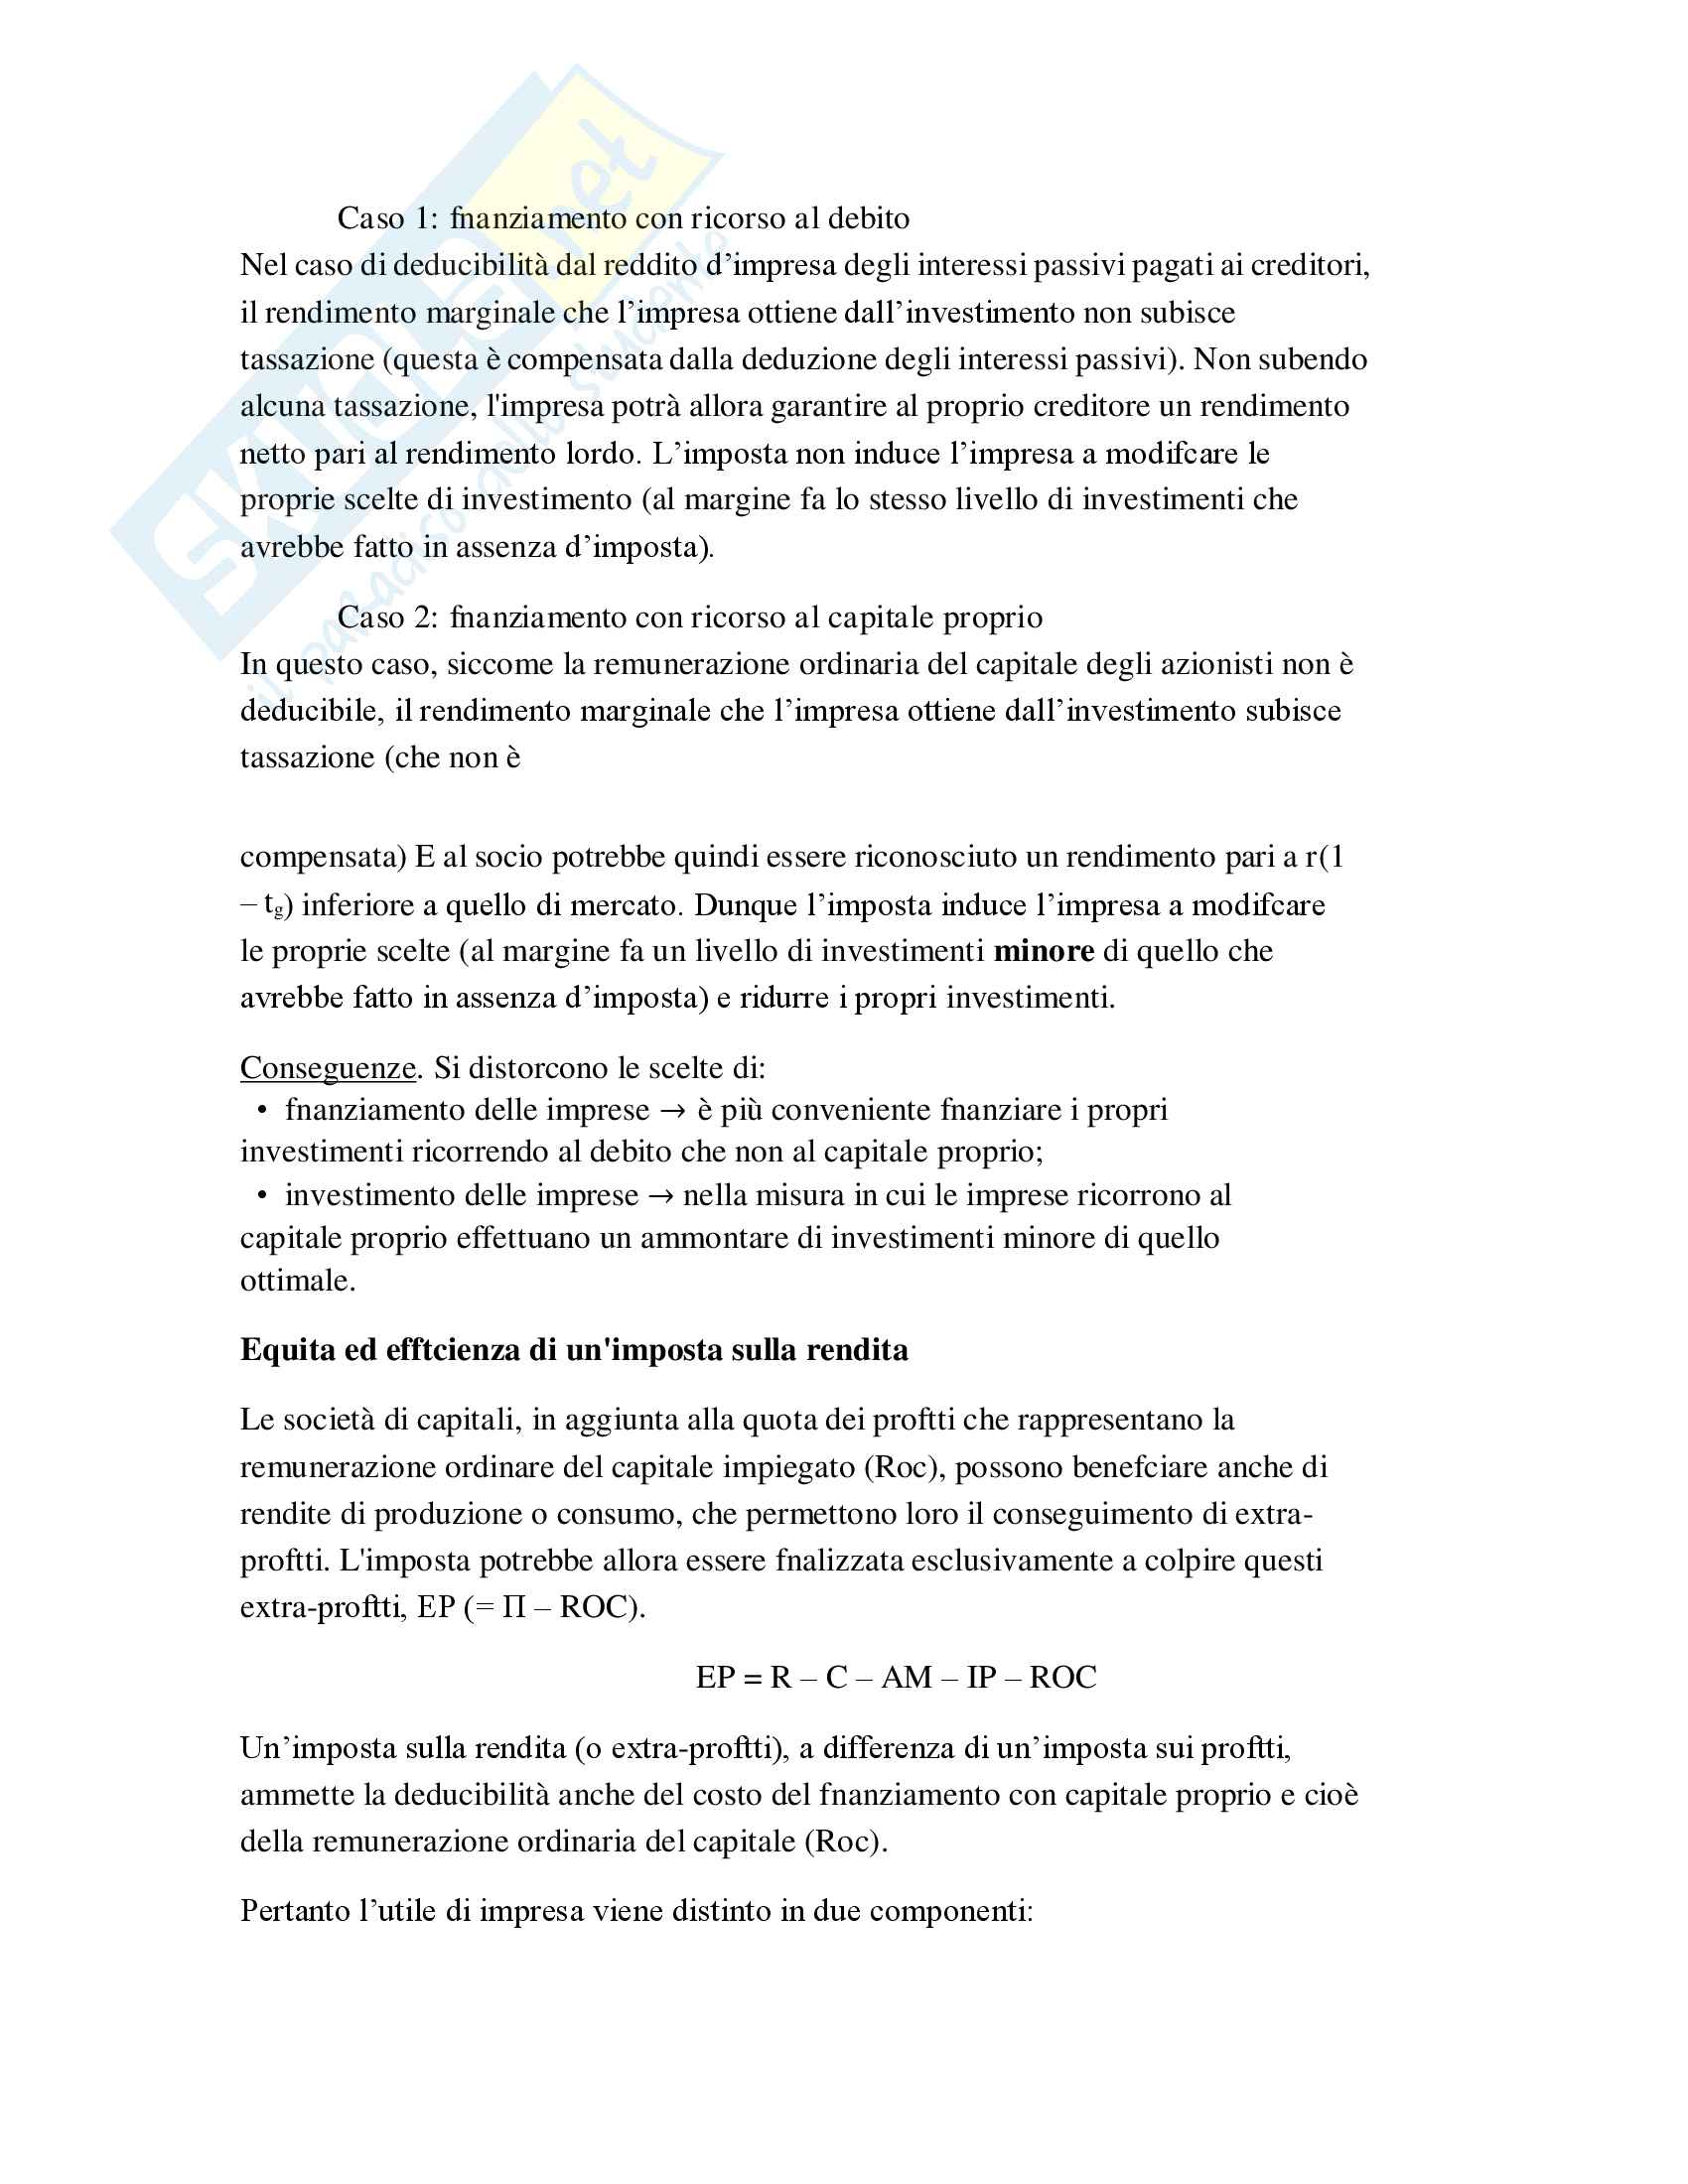 Riassunto Tributi economia italiana, esame di scienza delle finanze, prof Baldini, libro consigliato P. Bosi, M. C. Guerra: I tributi nell'economia italiana Pag. 56